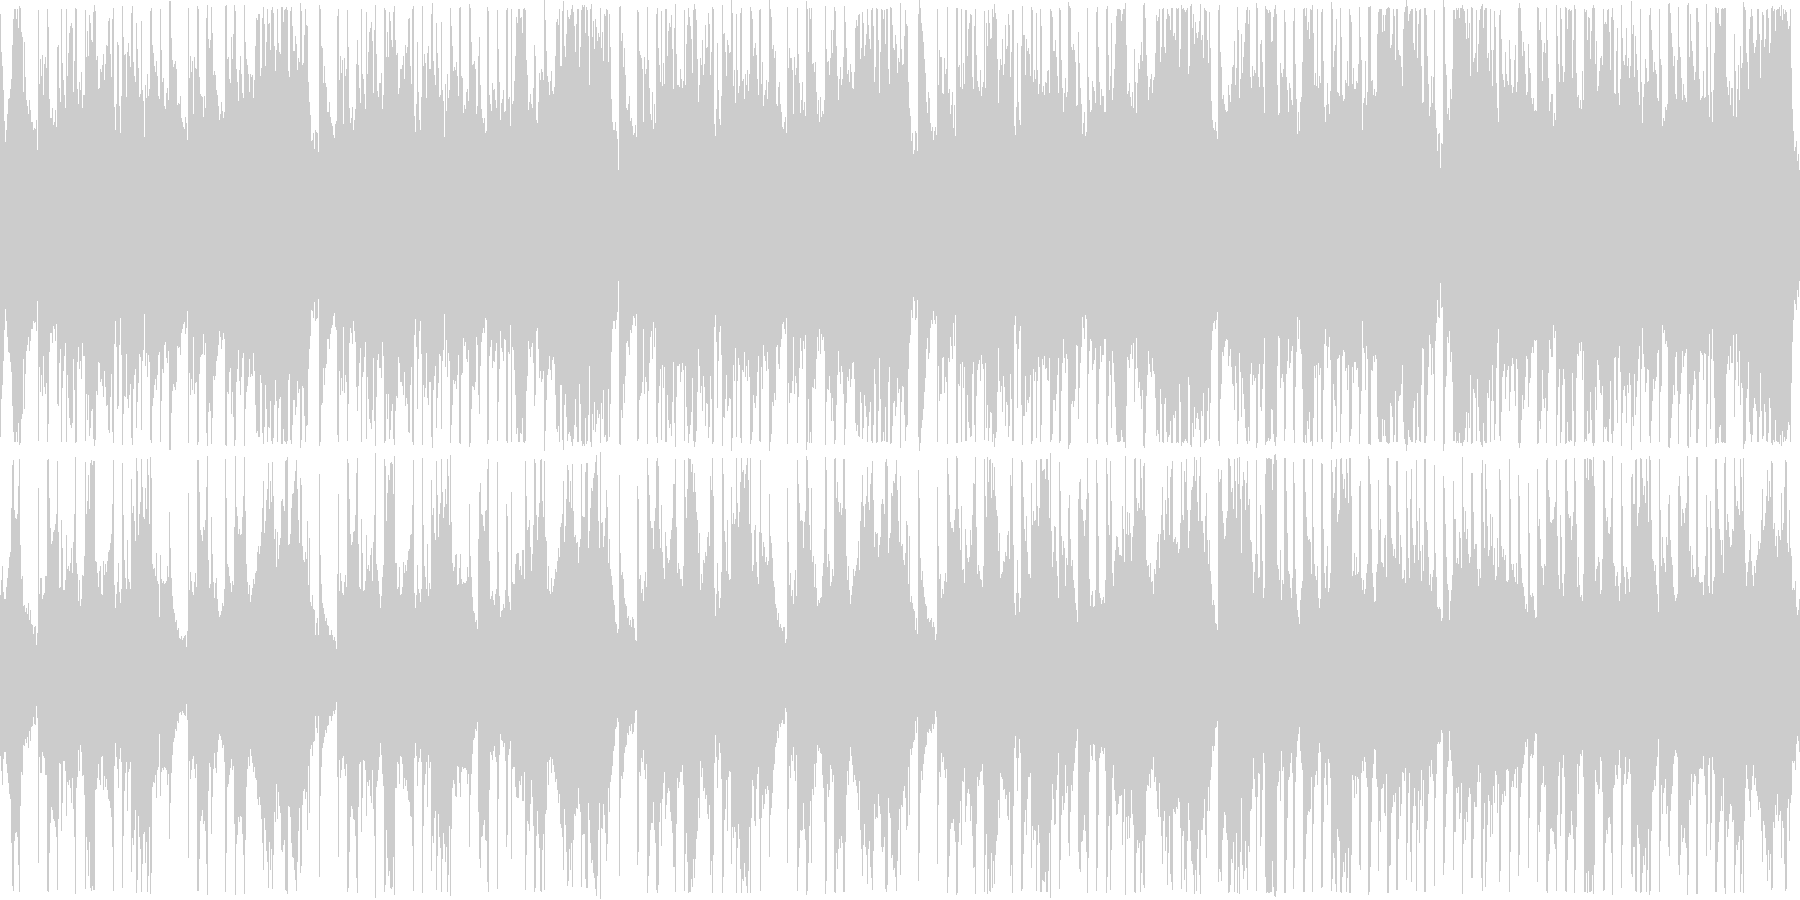 中国風の旋律の、のどかなイメージのする…の未再生の波形